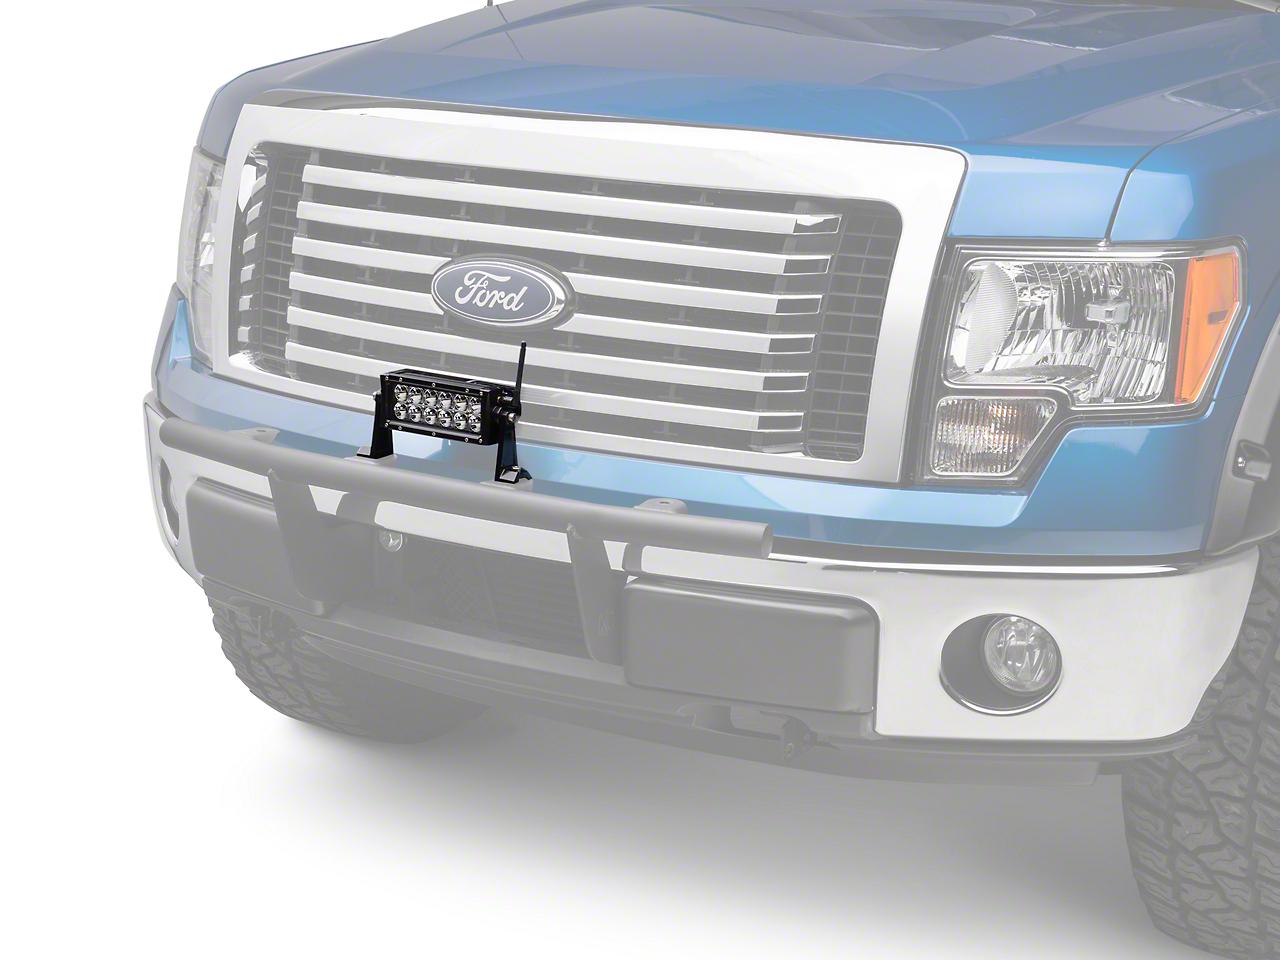 Engo 6 in. Amber & White Multifunction LED Light Bar - Flood/Spot Combo (97-17 All)